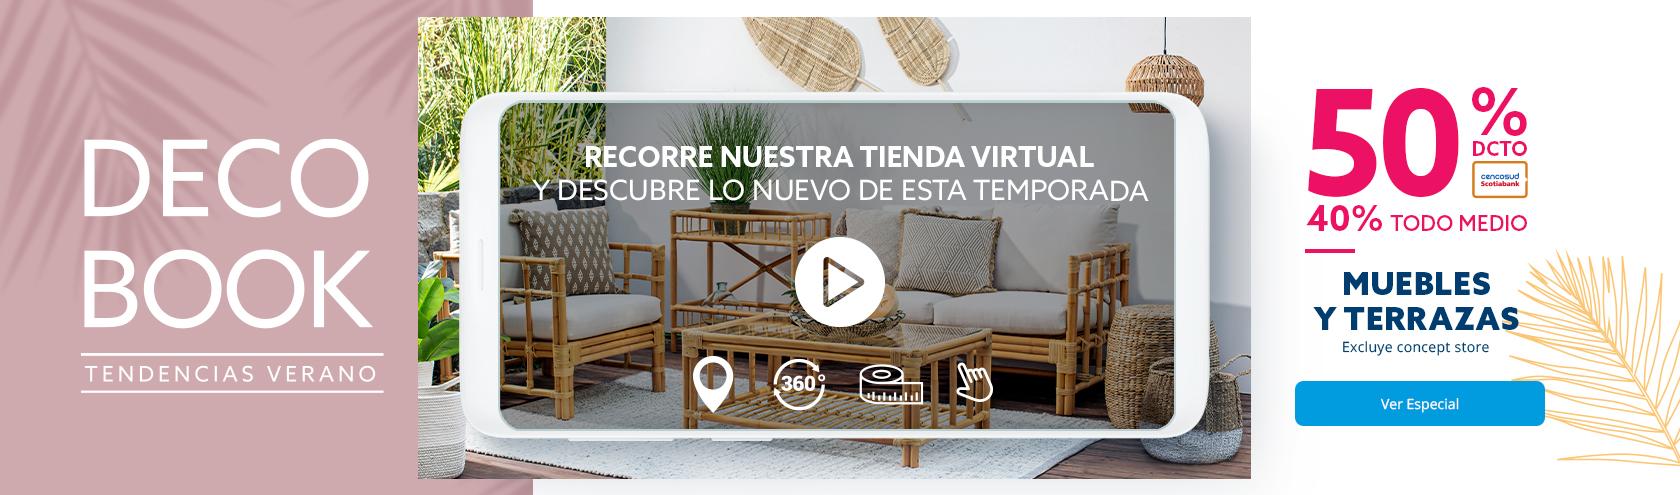 Especial Decobook Verano, descuentos en Muebles y terrazas, excluye concept store